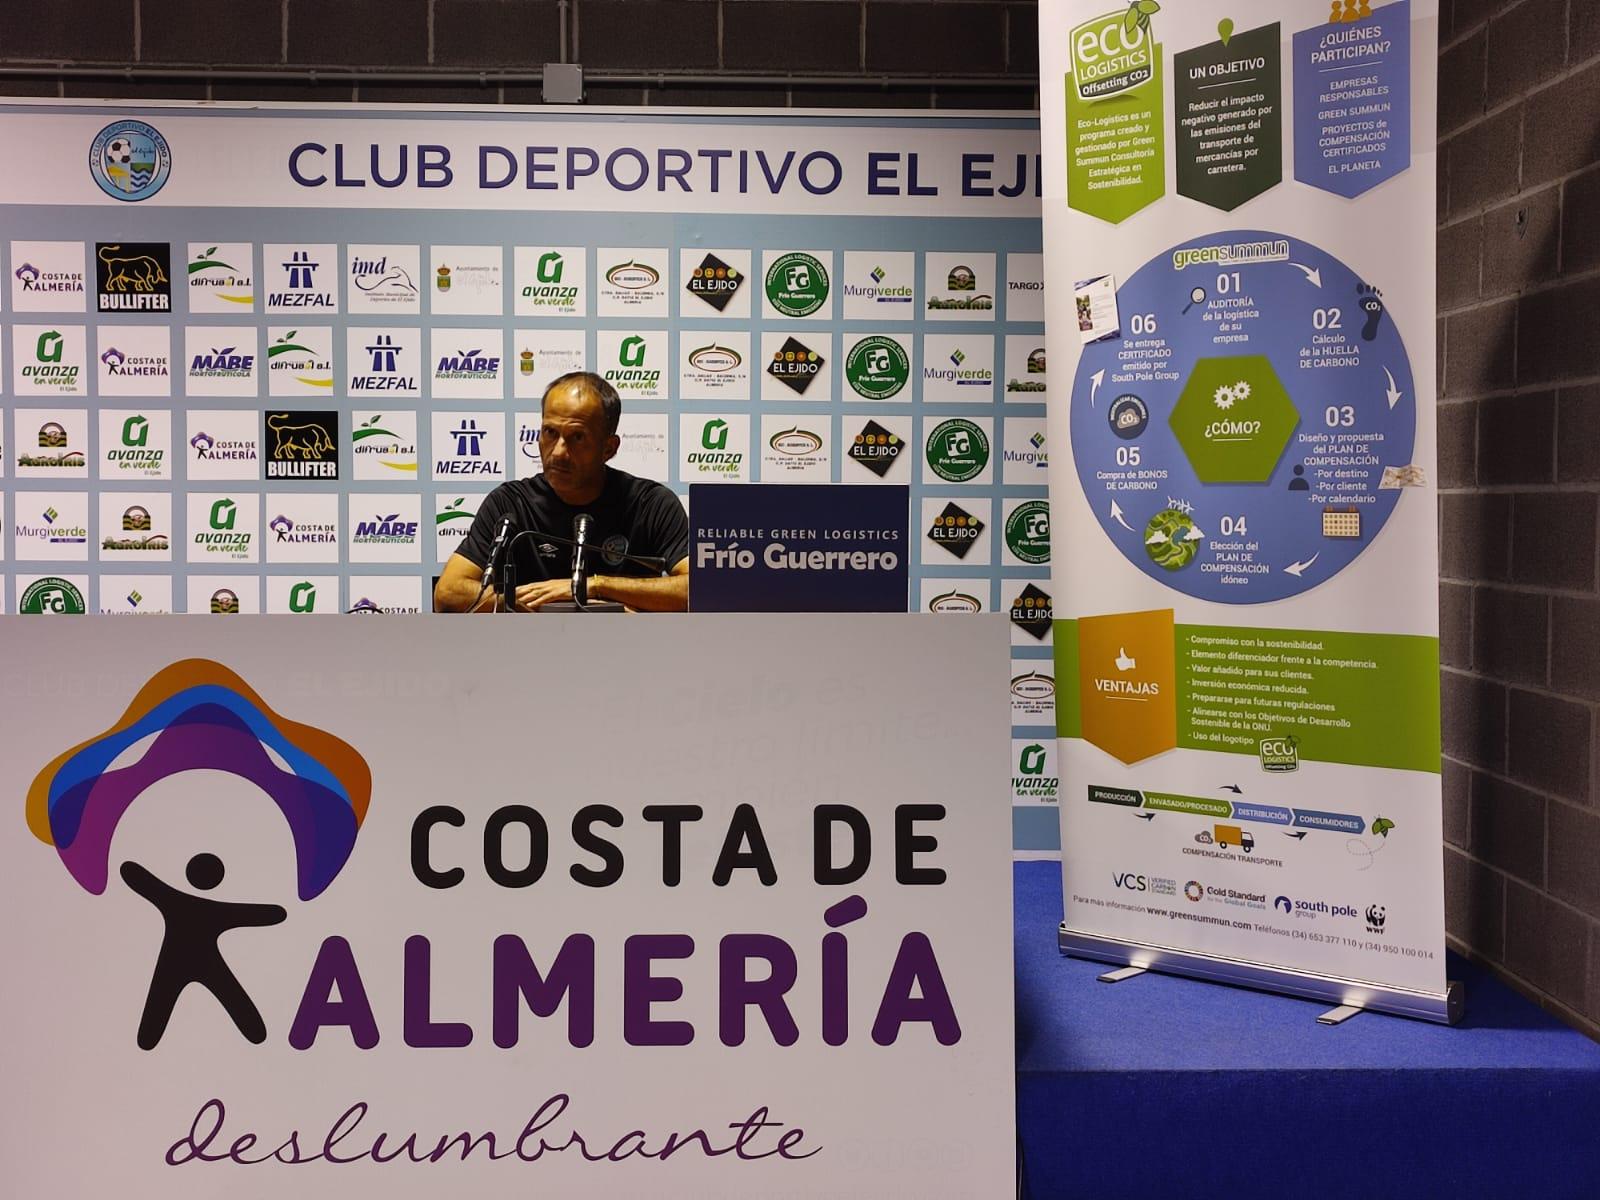 El Club Deportivo El Ejido buscará la victoria que quiere dedicar a su afición